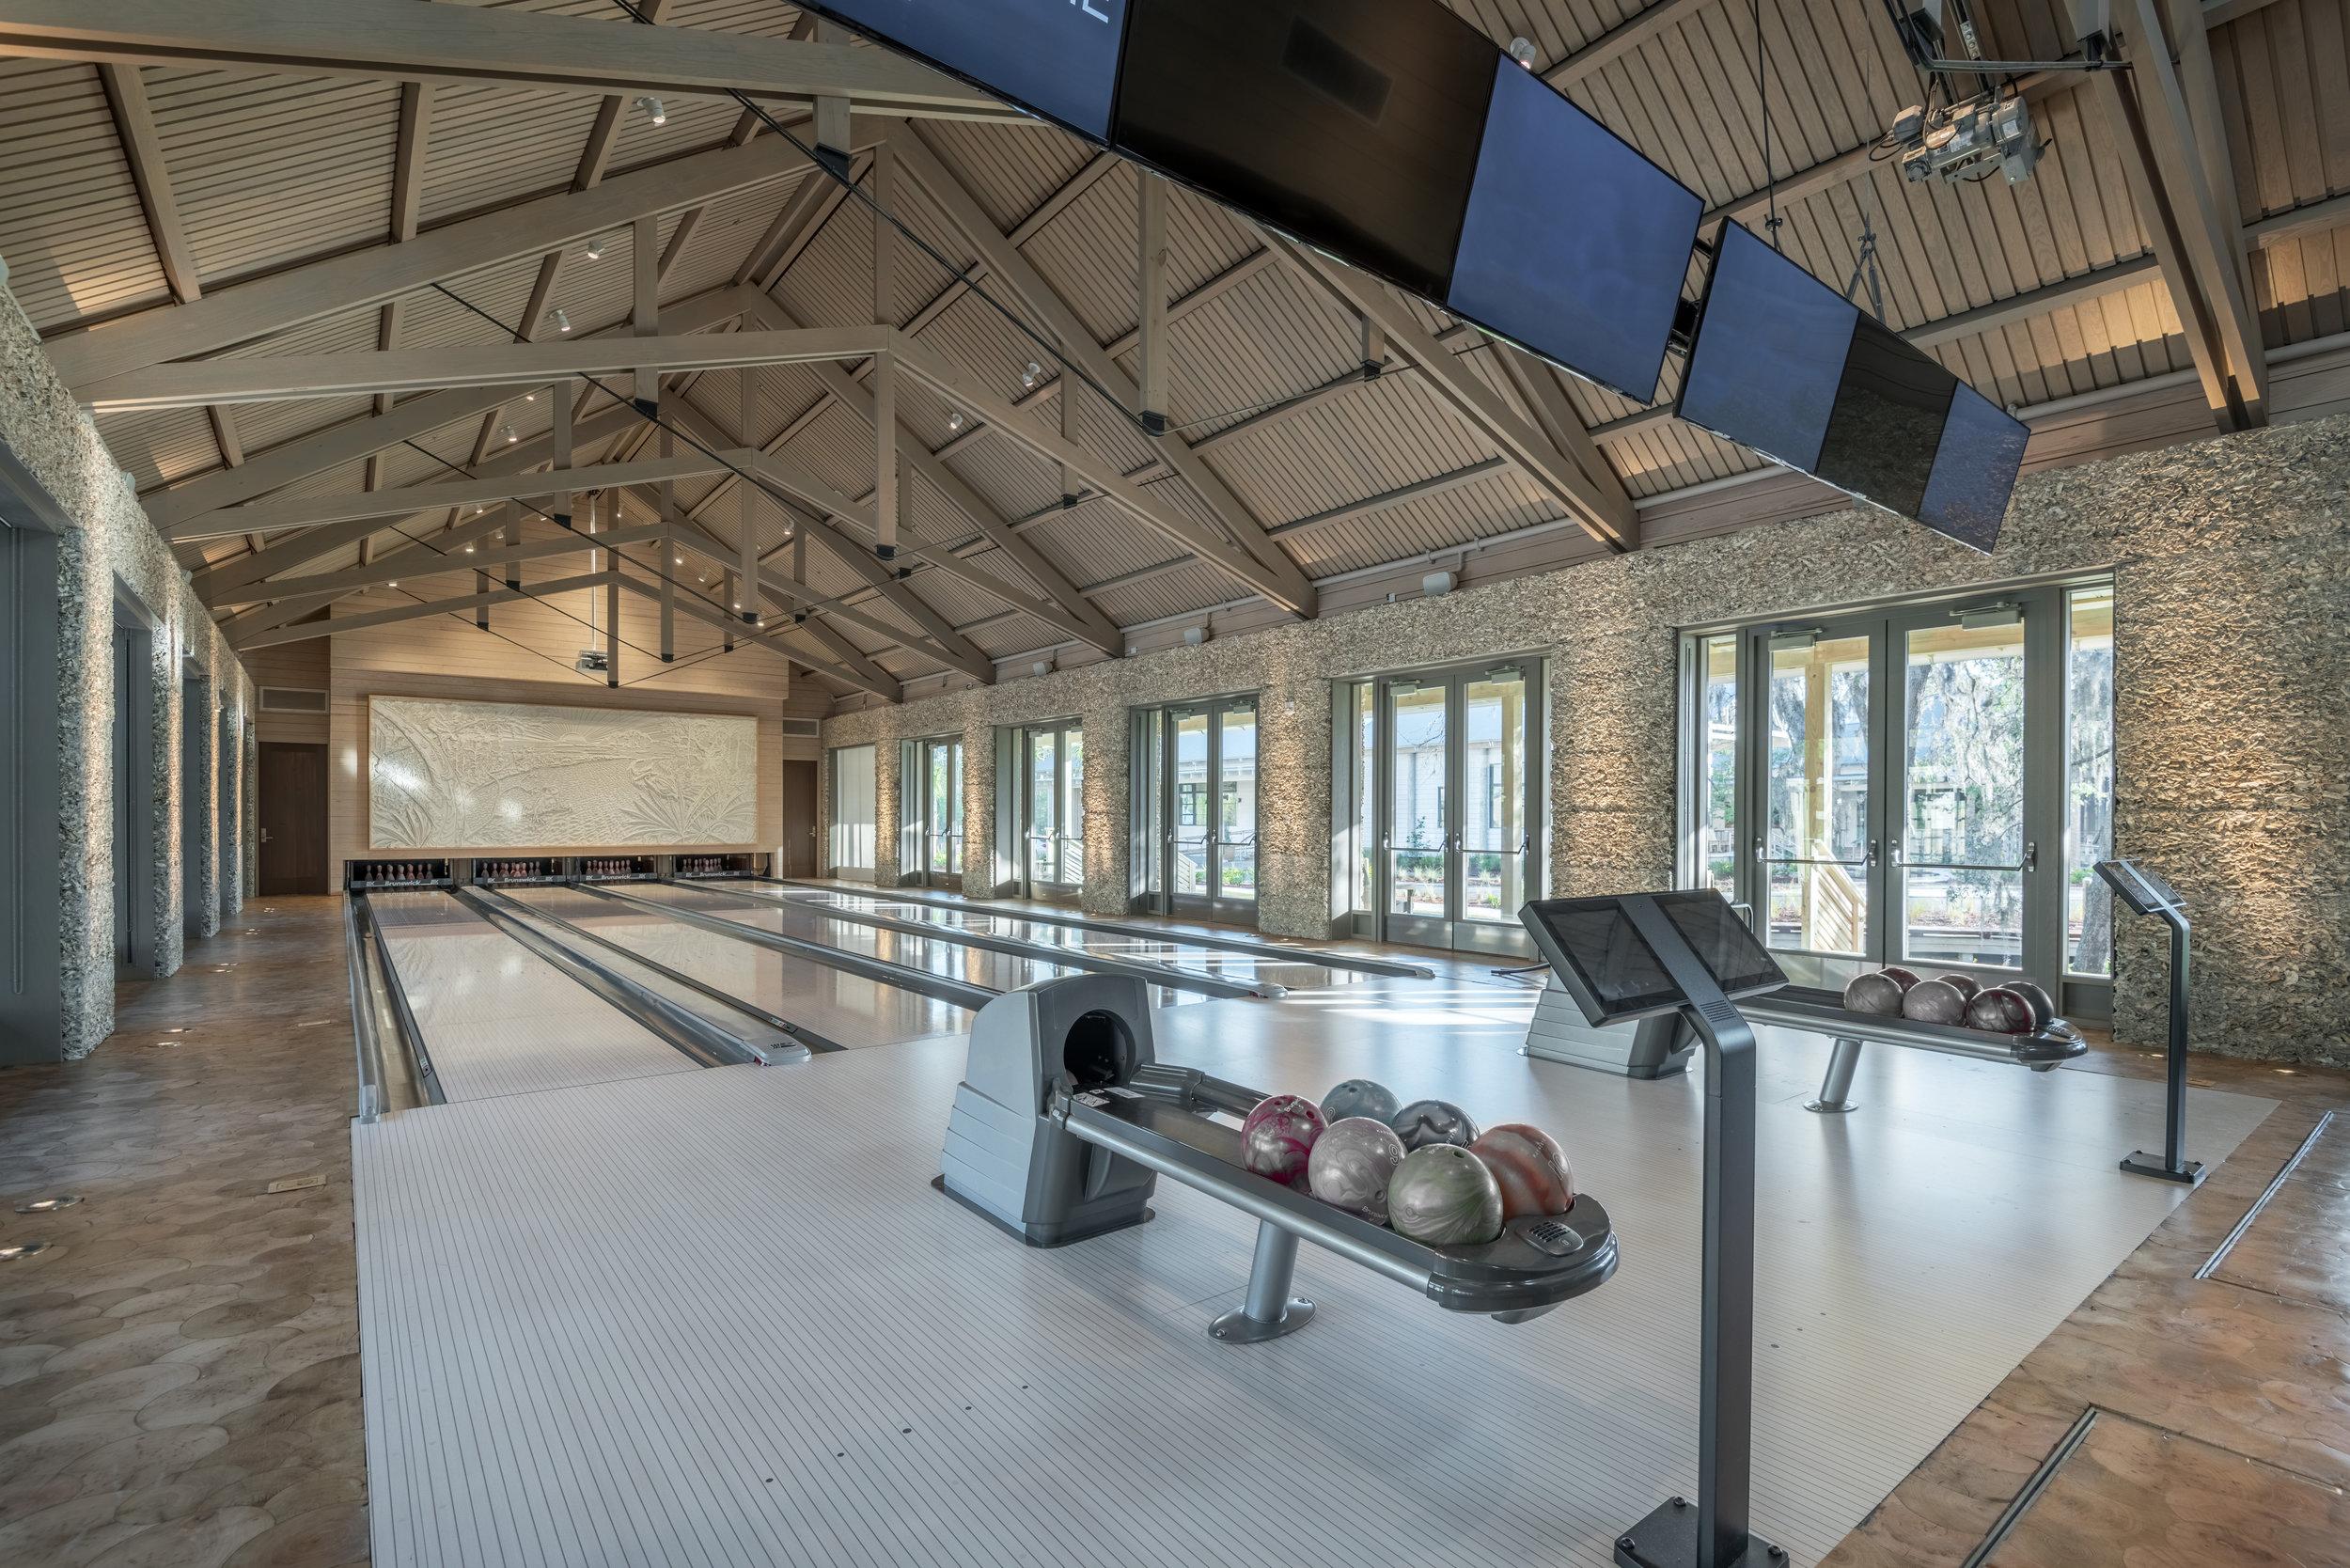 bowling alley-EDITED.jpg